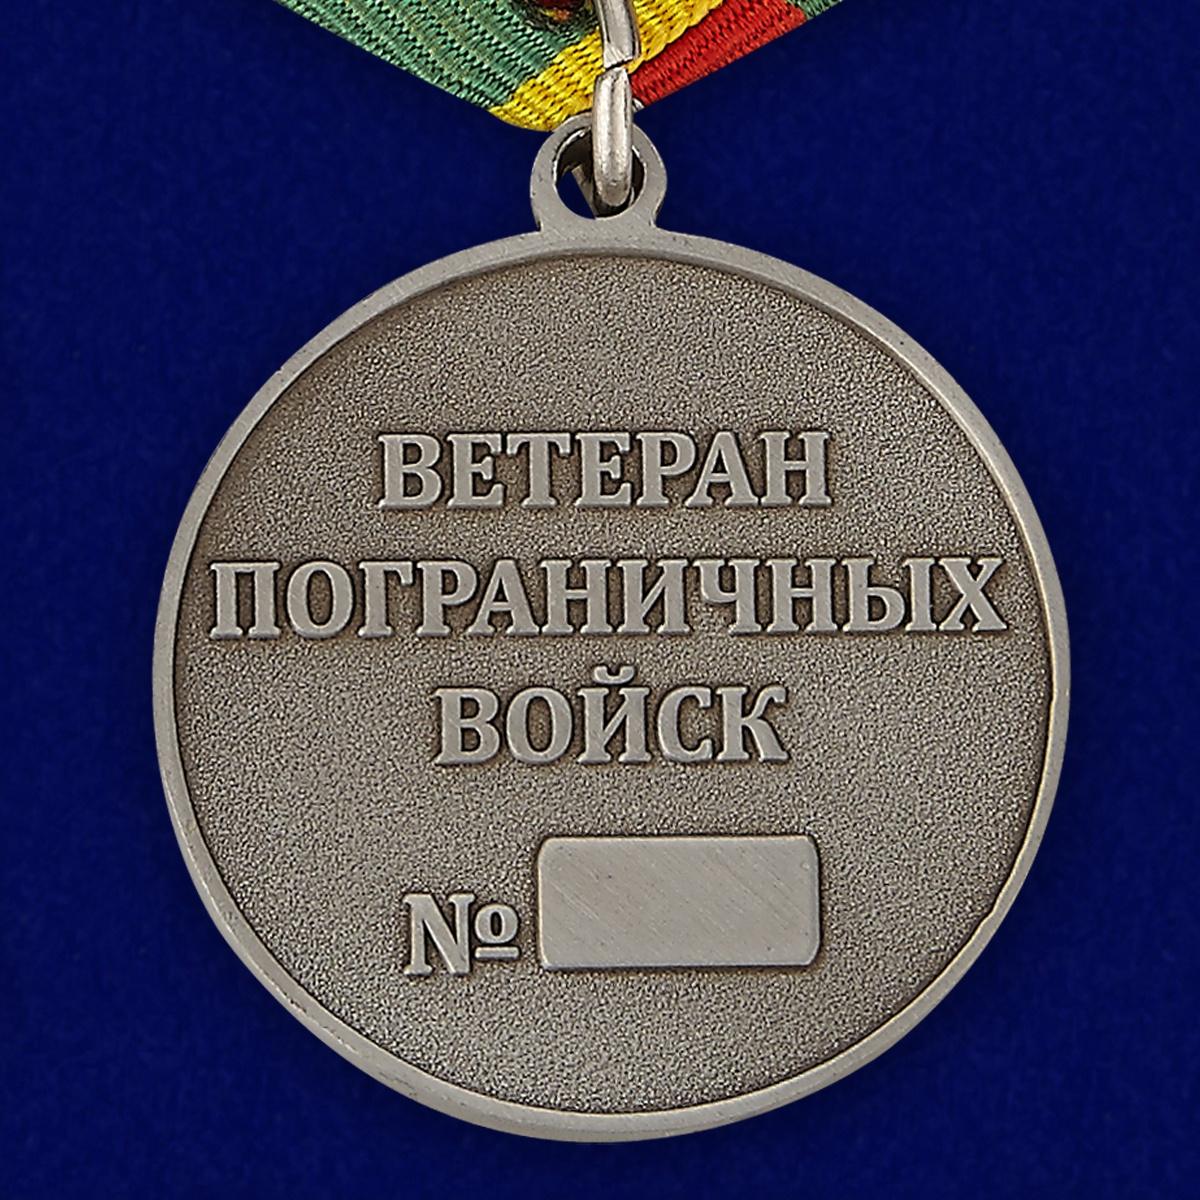 Медаль Ветеран Пограничных войск - оборотная сторона